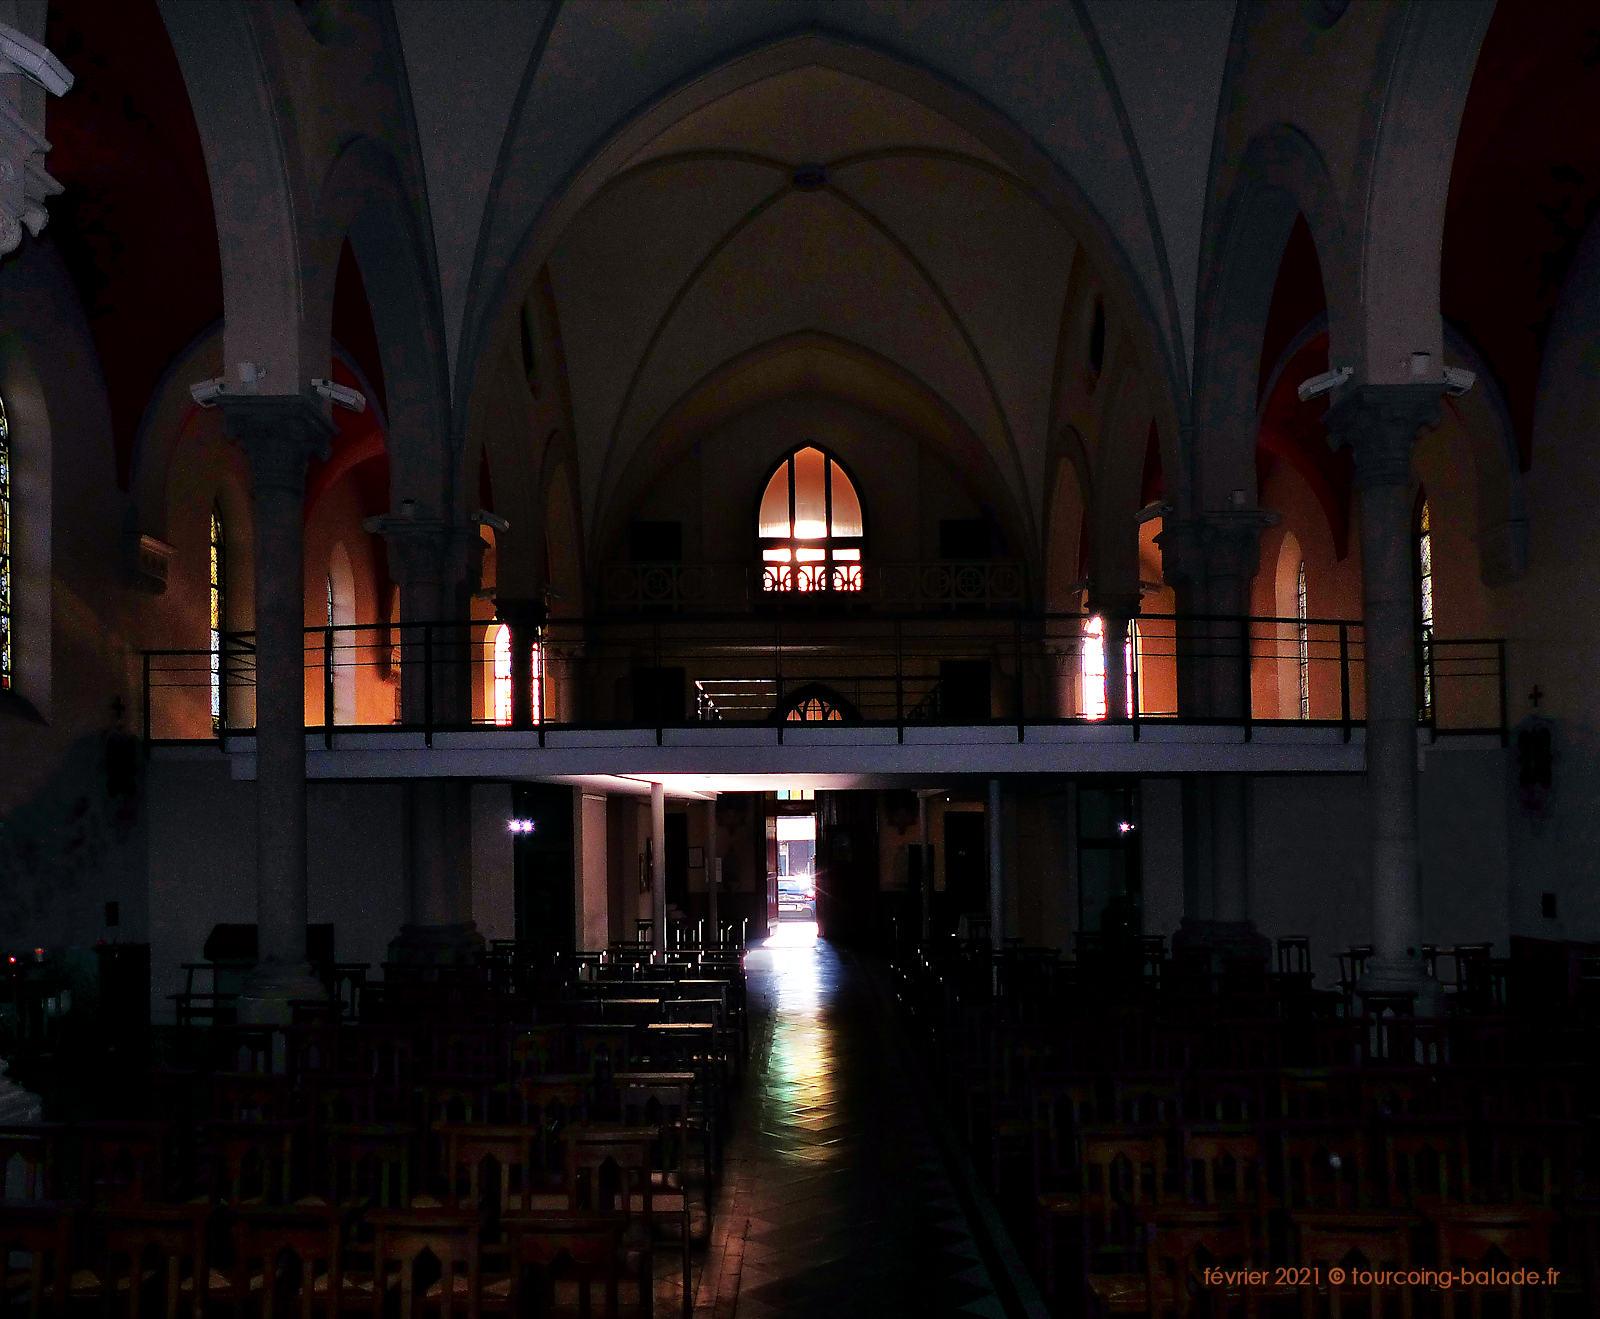 Tribune de l'église Notre-Dame de Consolation, Tourcoing